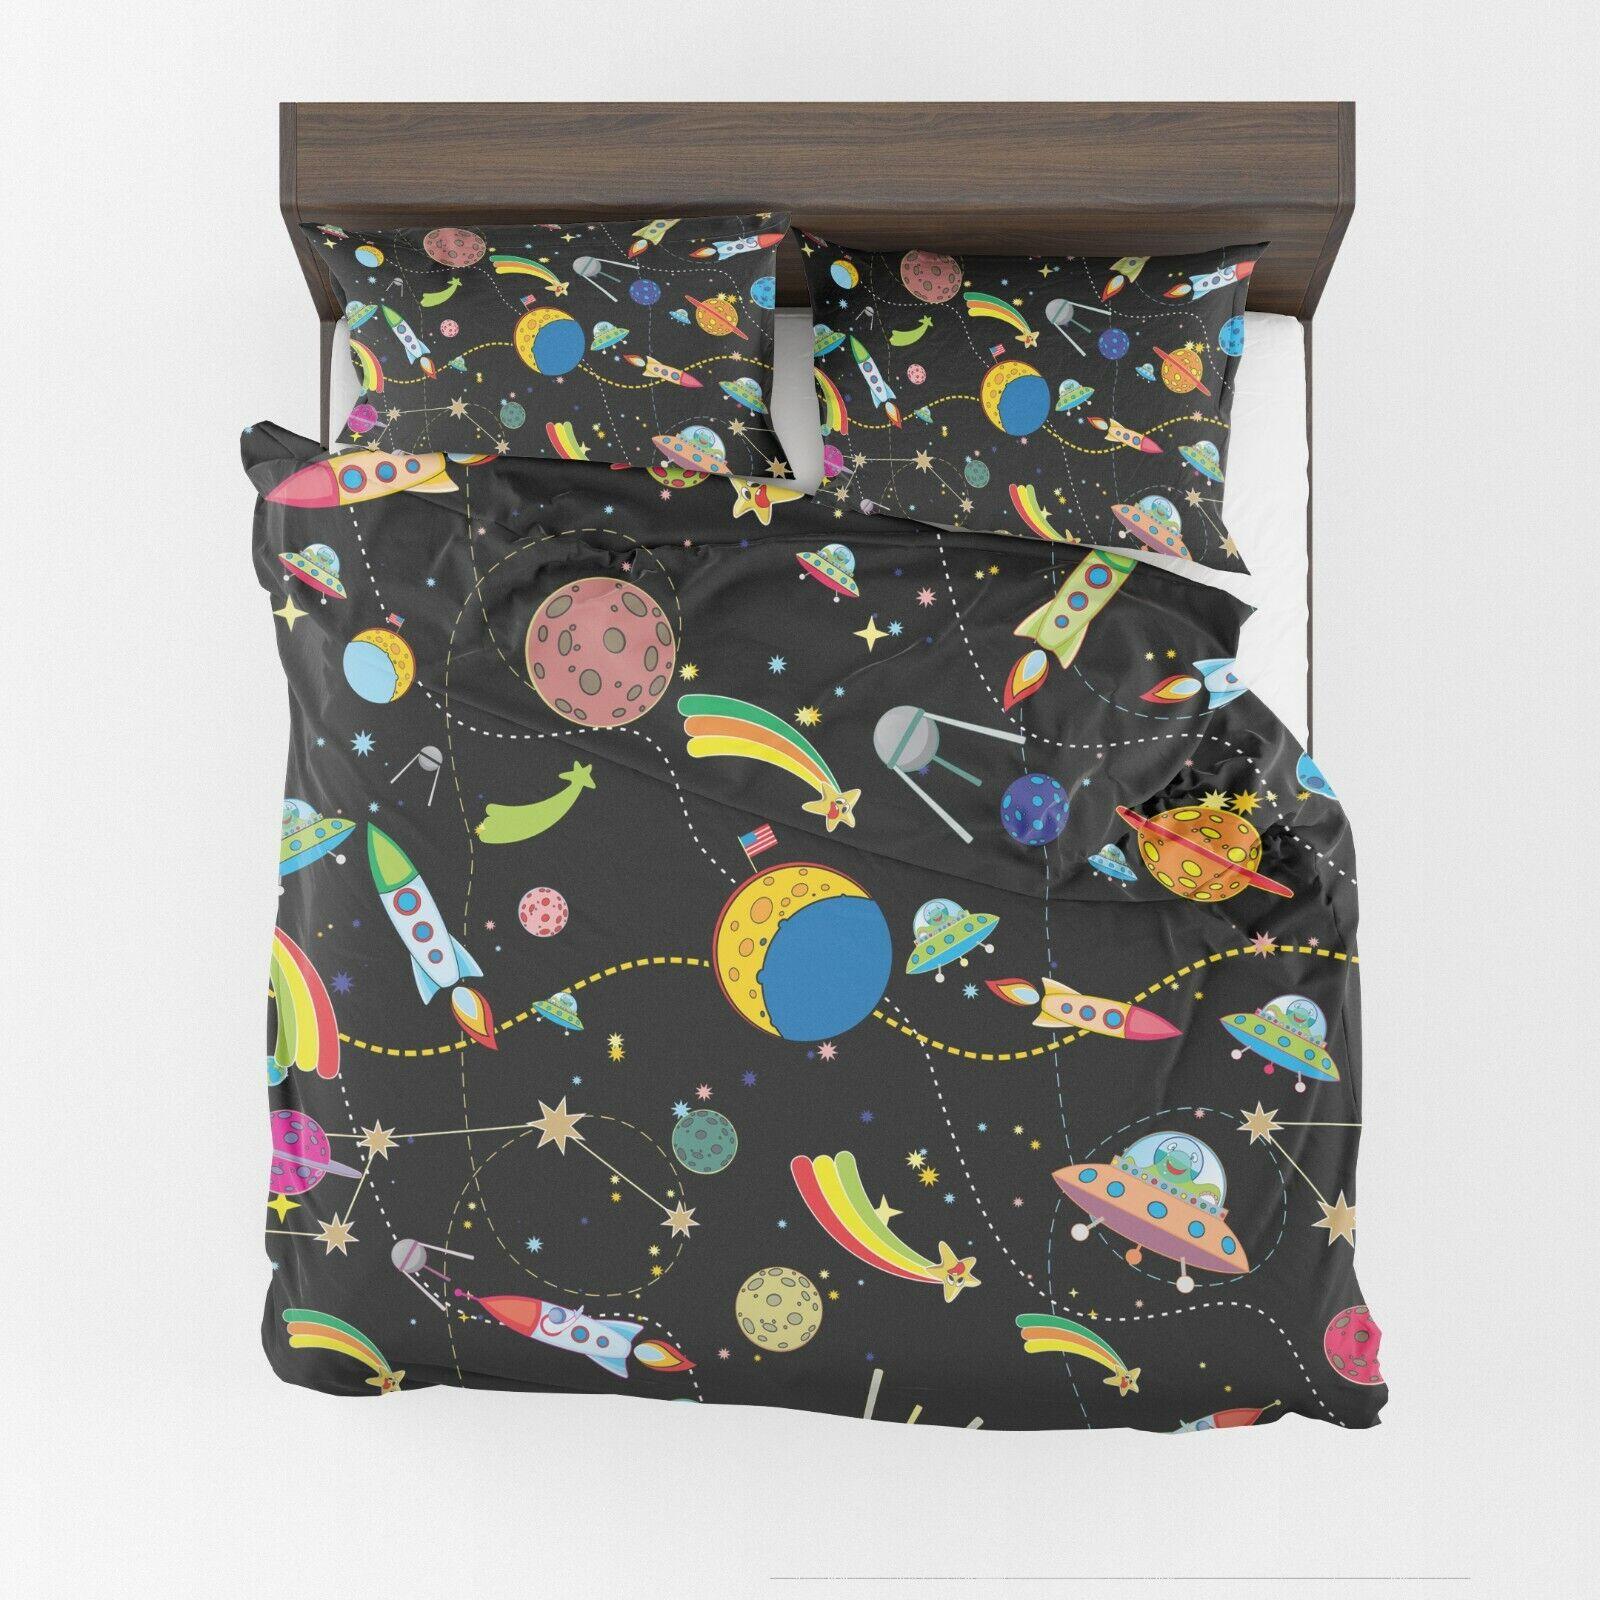 Space Comforter or Duvet Cover girls boys bedding kids duvet